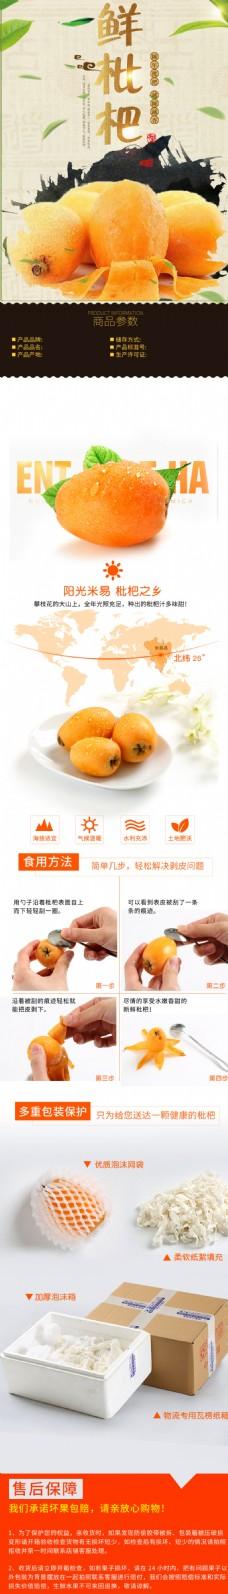 淘宝电商美食新鲜水果枇杷详情页psd模板